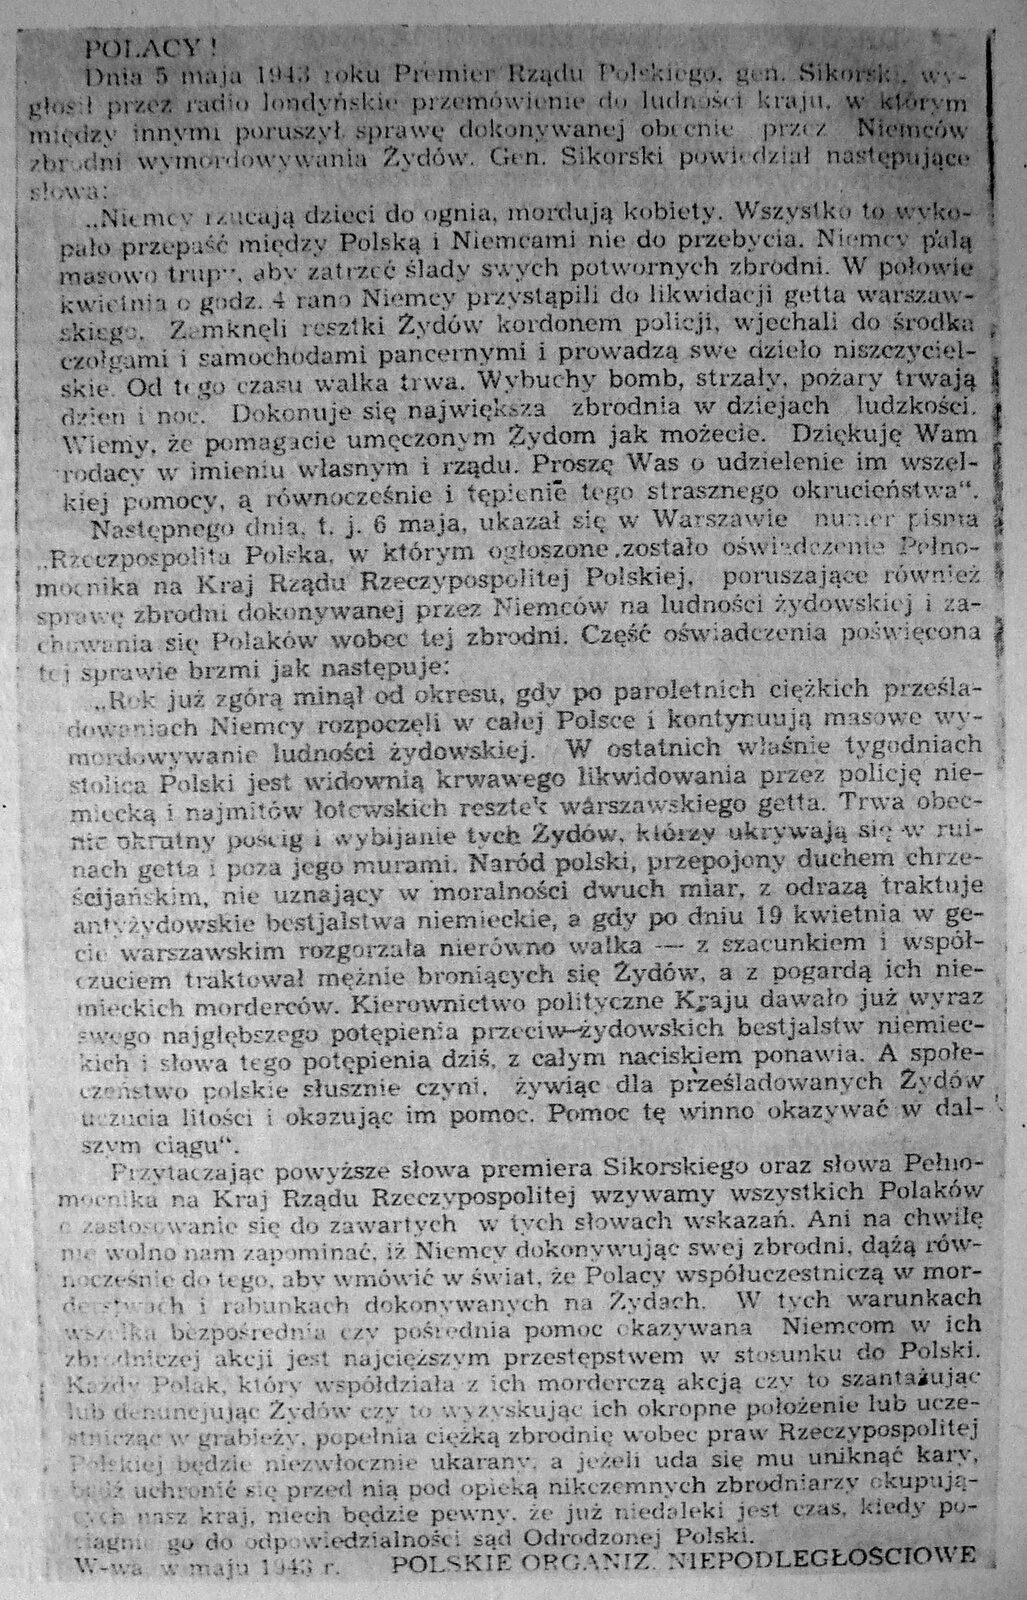 Ulotka rząduemigracyjnego Ulotka rząduemigracyjnego Źródło: Rada Pomocy Żydom Żegota, 1943, domena publiczna.